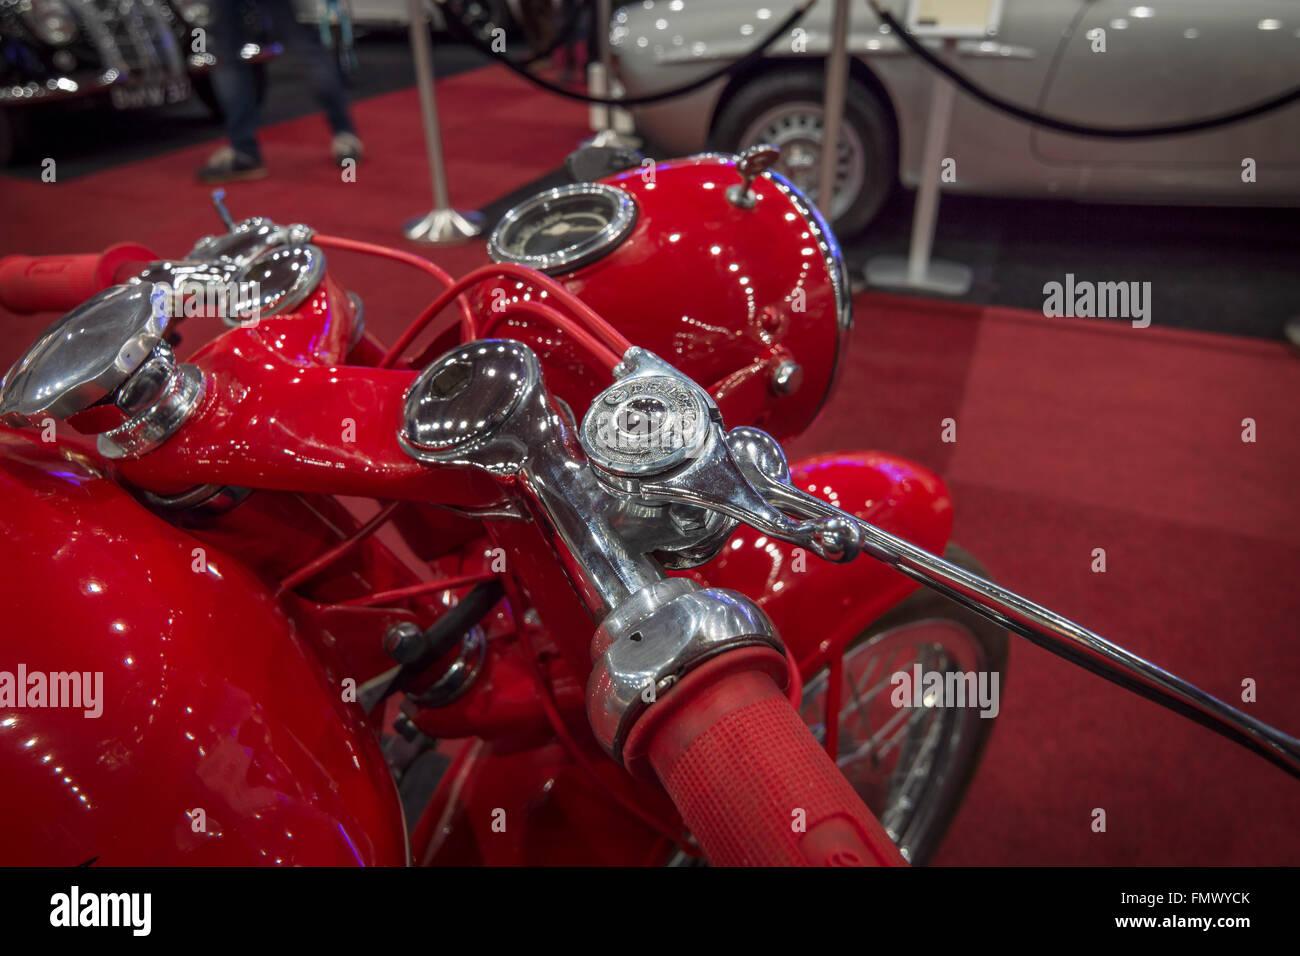 Détail de MV Agusta moto rétro. Banque D'Images